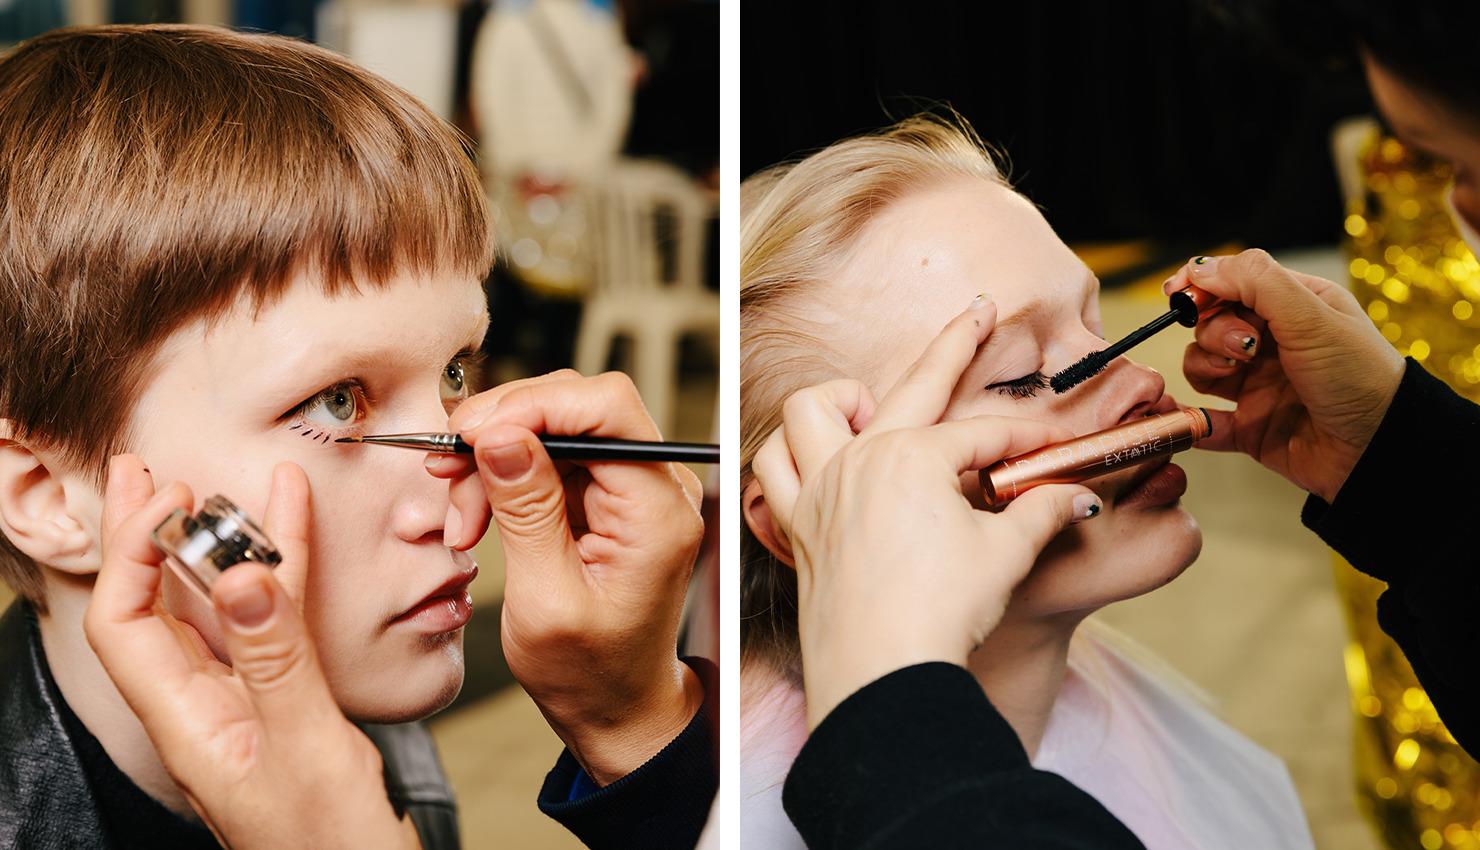 maquillaje-balmain-tendencias-magazinehorse